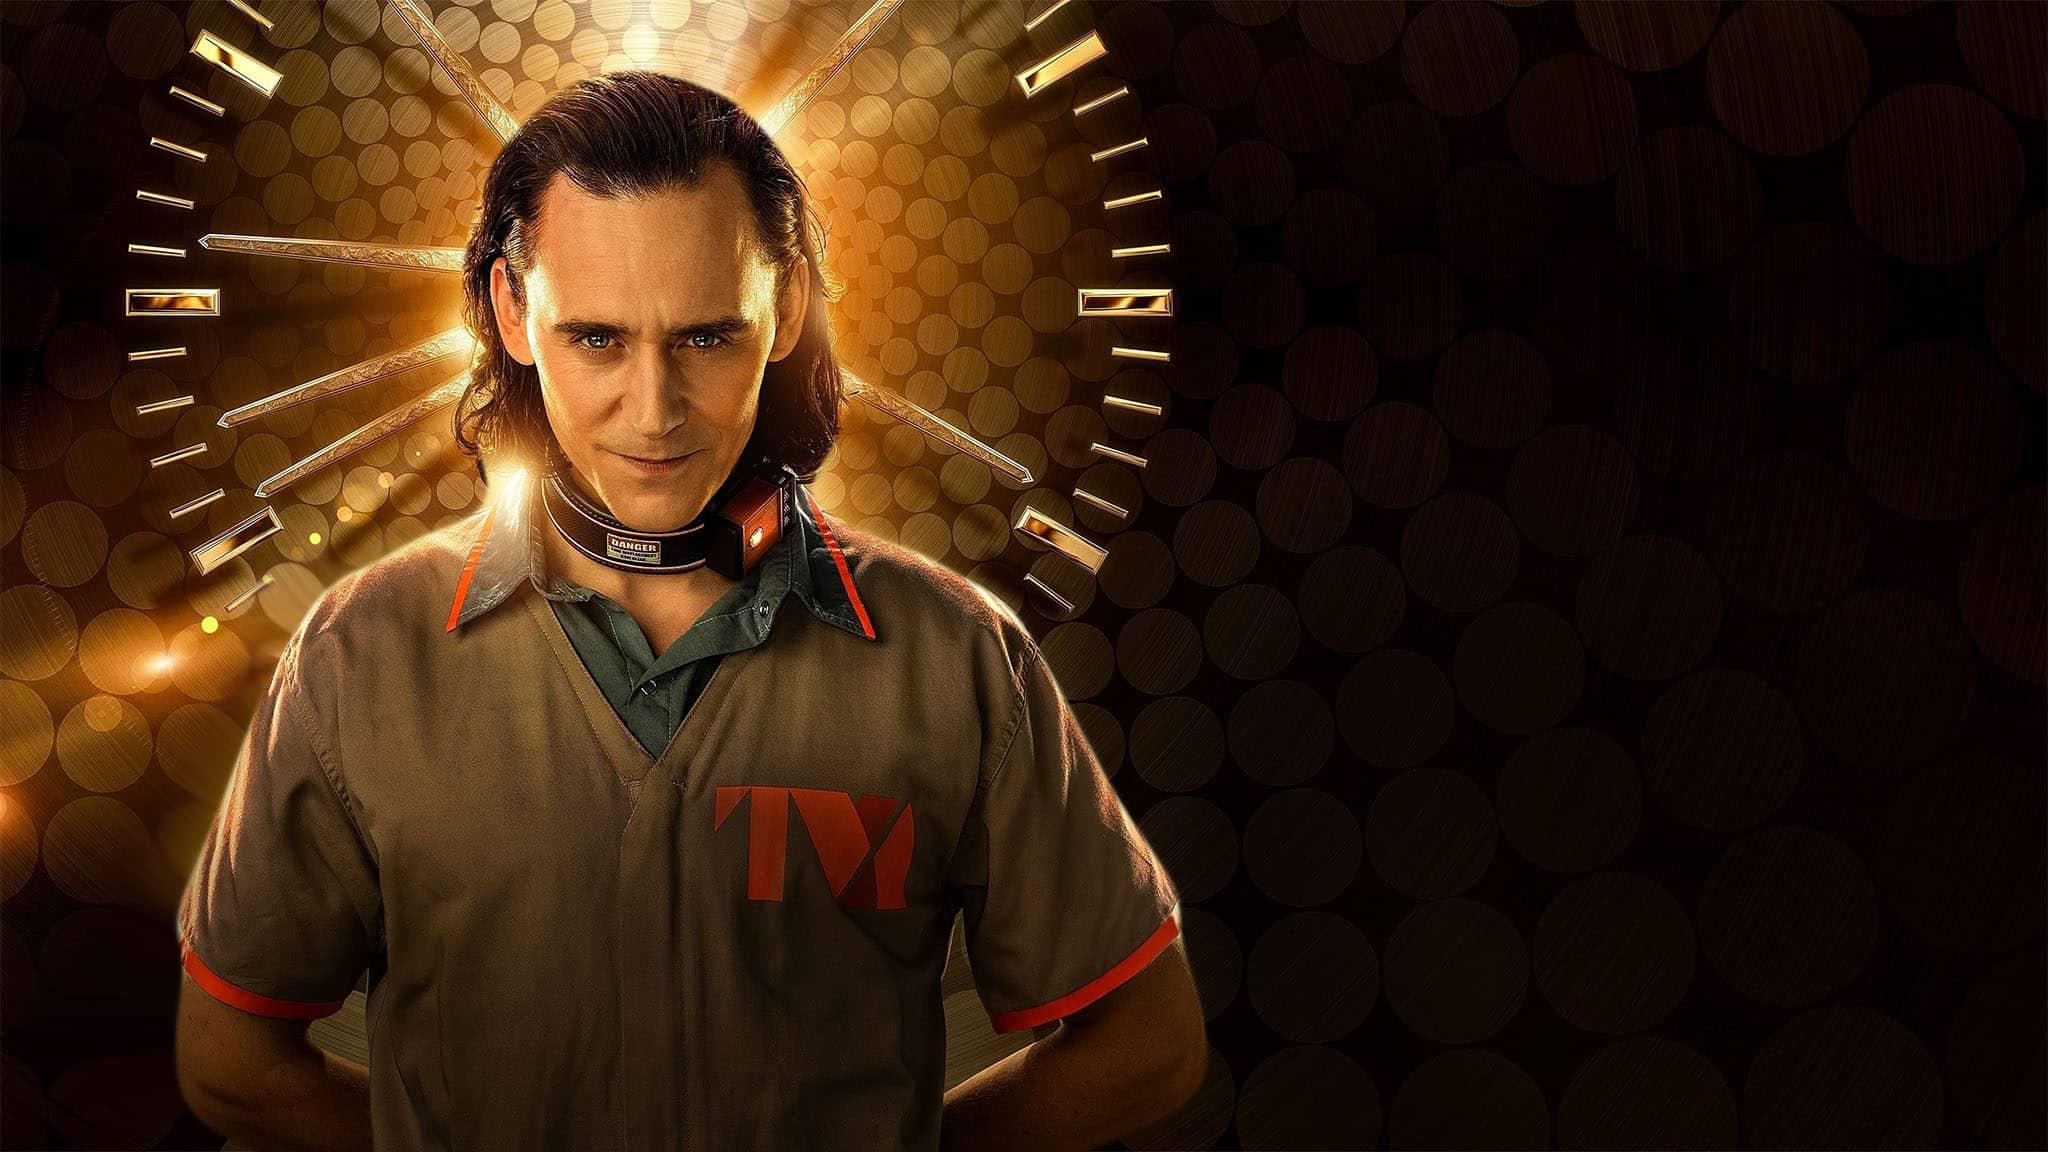 مسلسل Loki ج1 مترجم